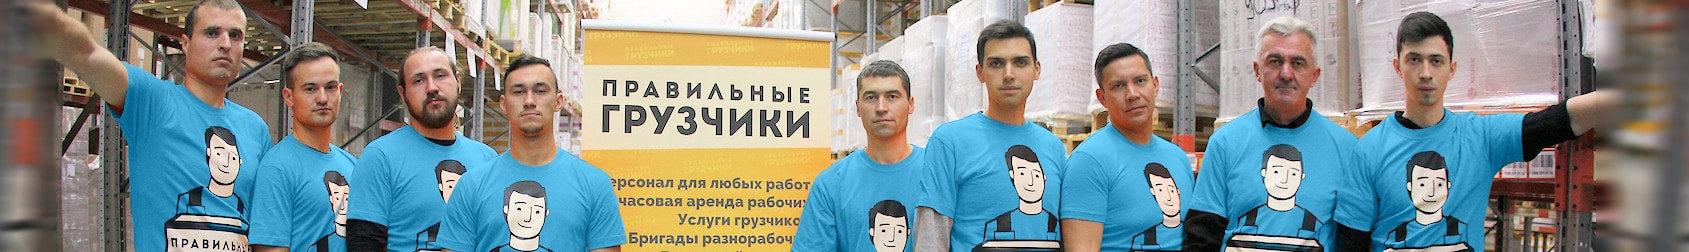 Грузчики Краснодар